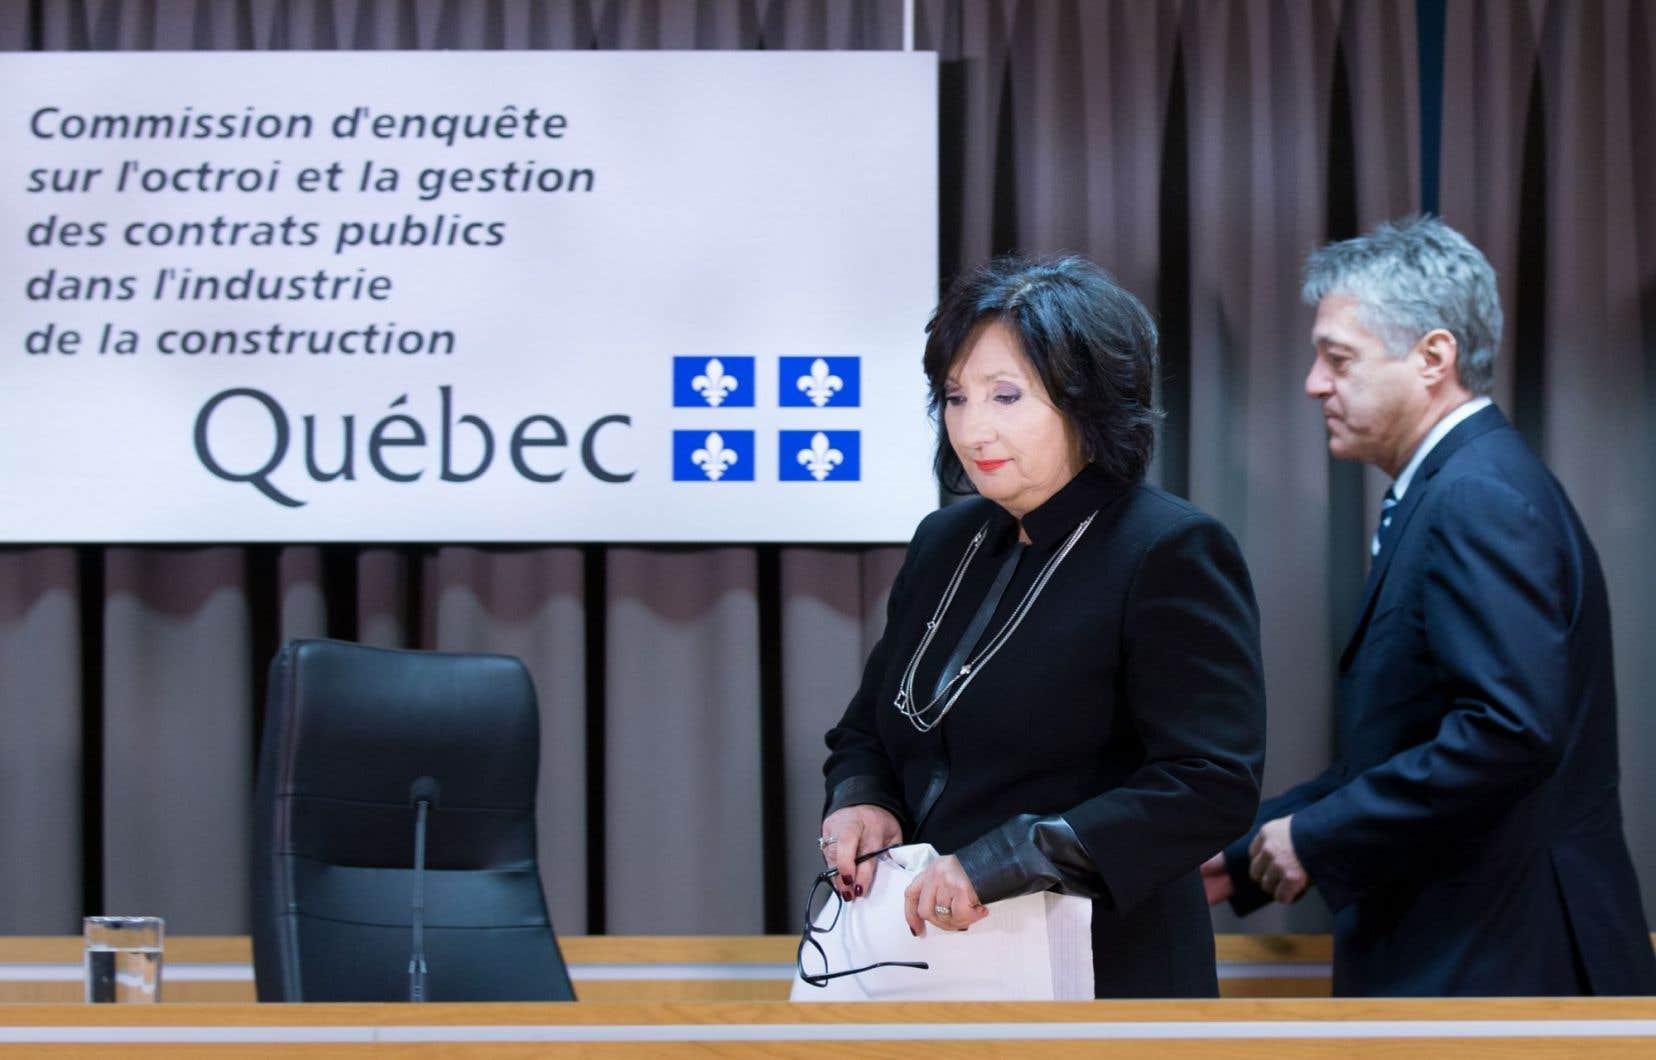 En mars 2016, trois ministres du gouvernement Couillard ont défendu la réponse de Québec au rapport Charbonneau en réitérant la «volonté ferme» du gouvernement de mettre en oeuvre l'ensemble des 60 recommandations.